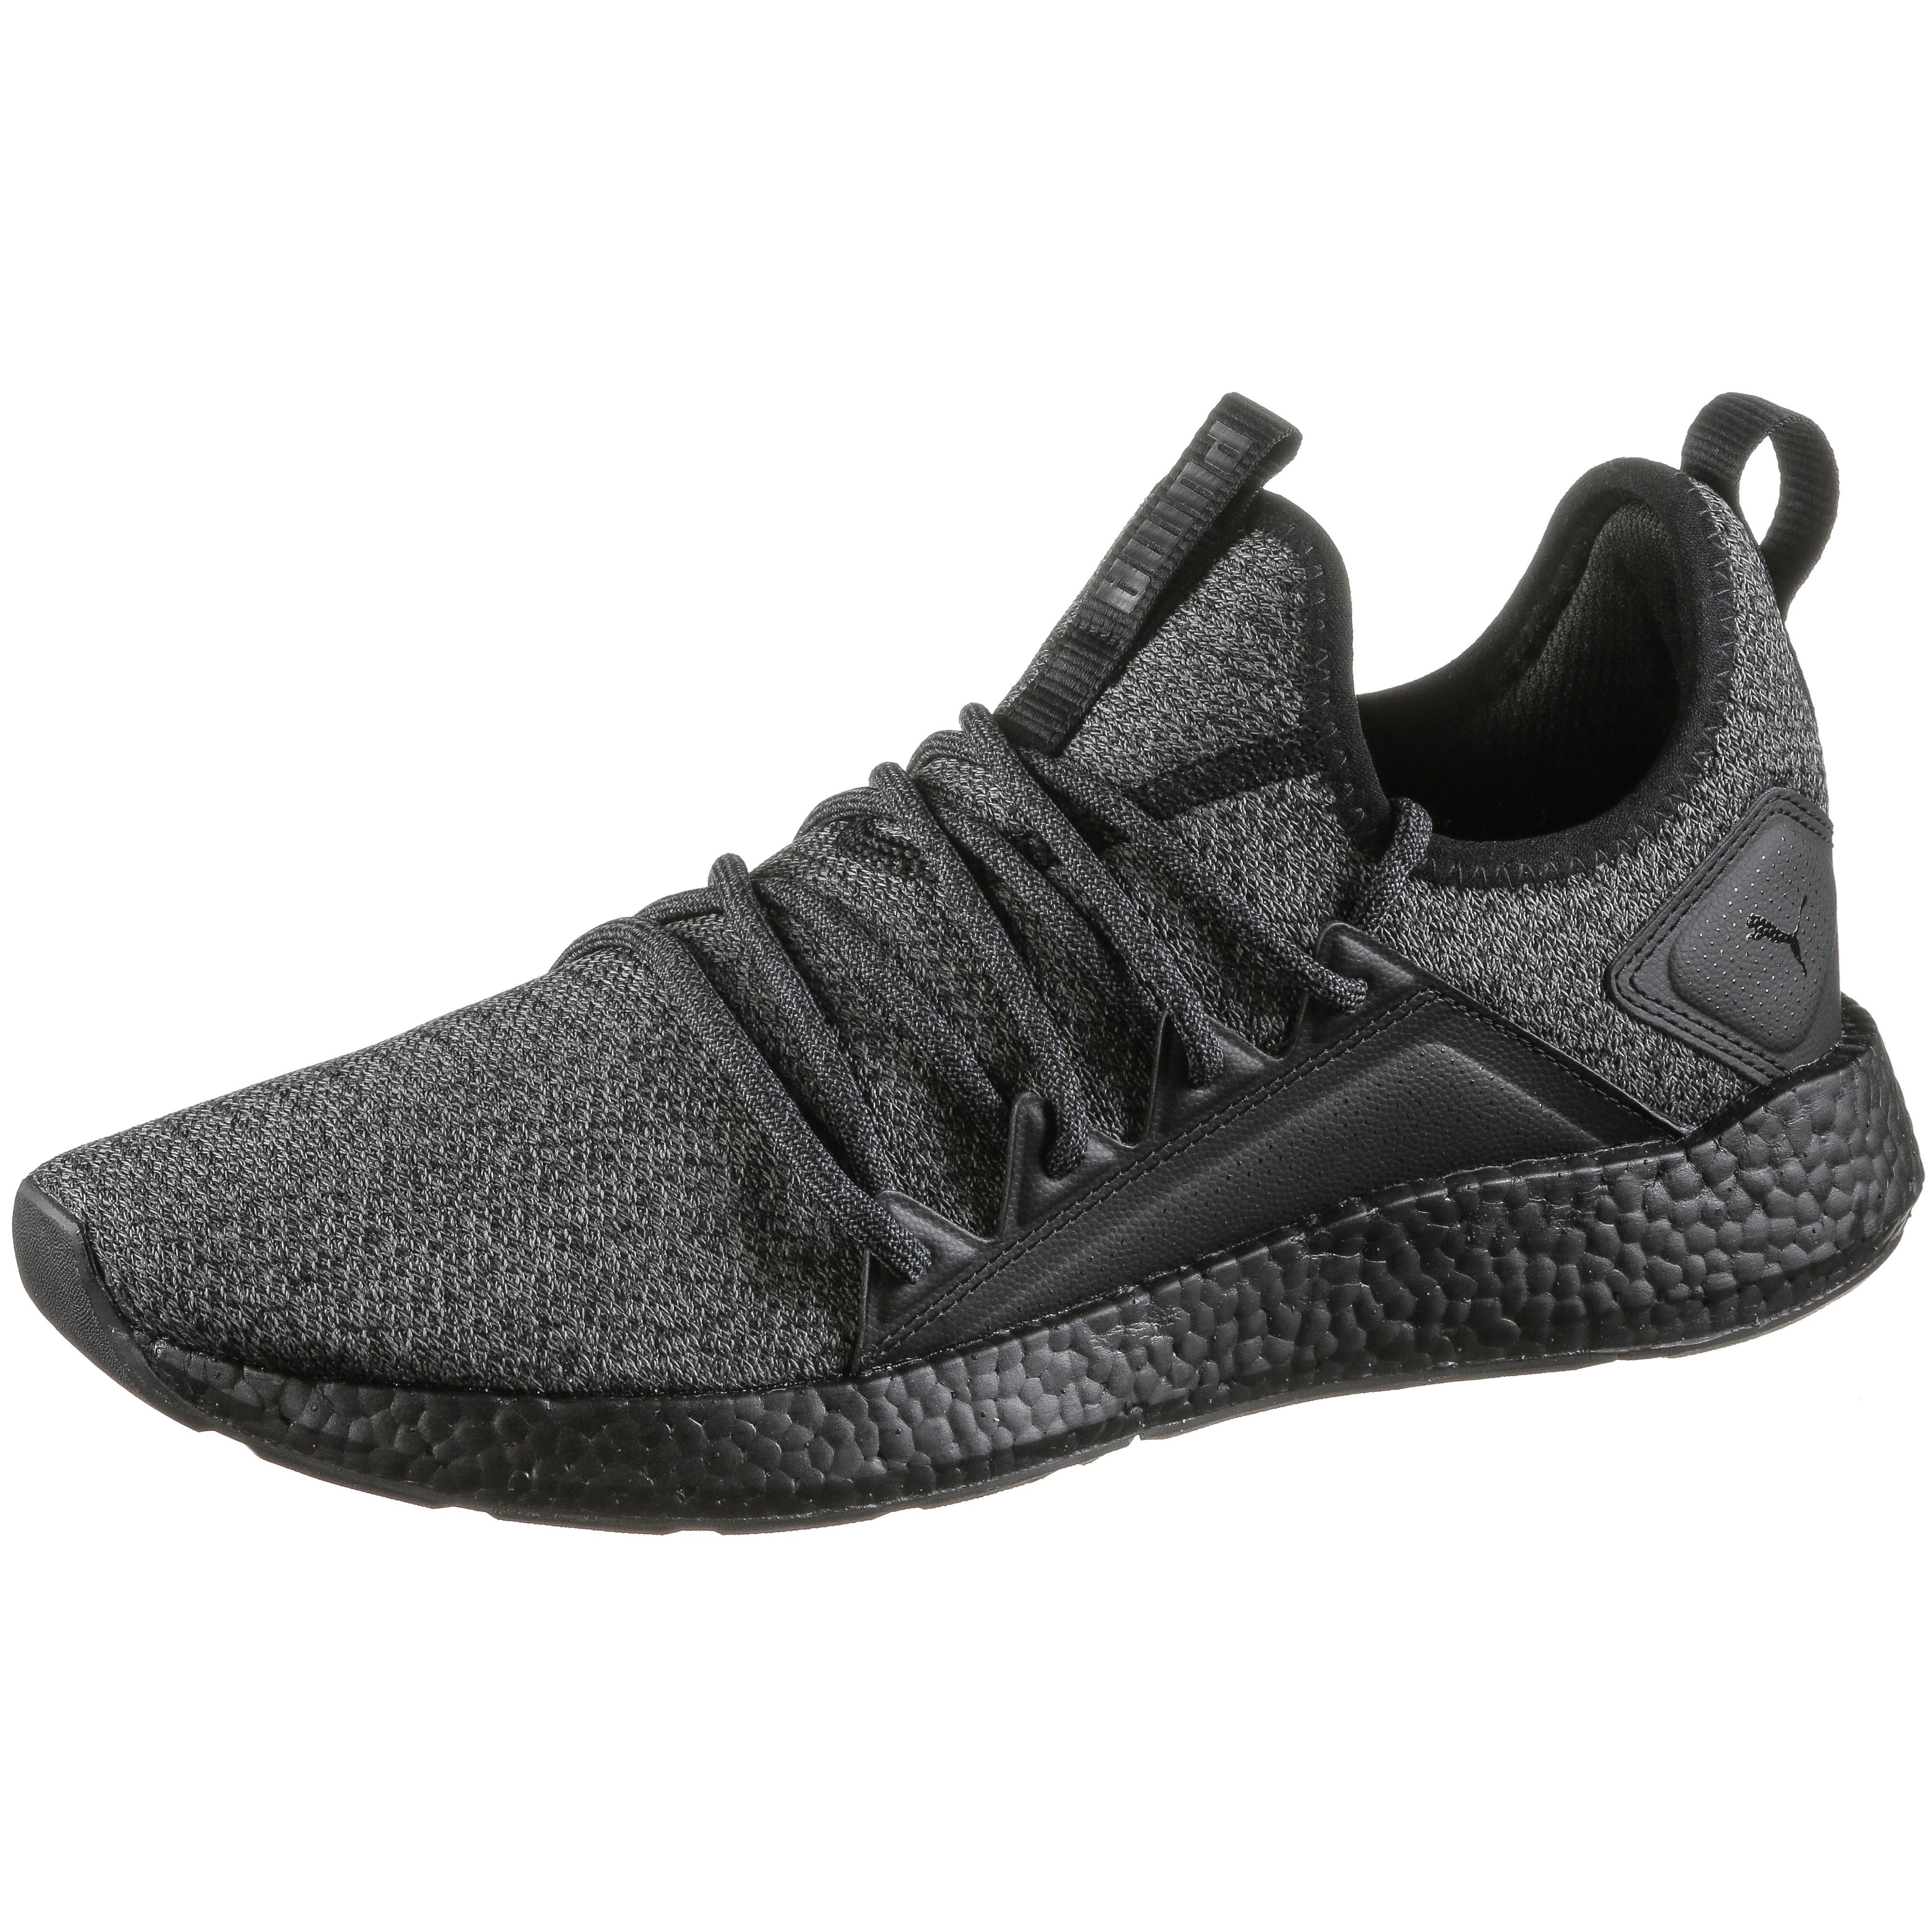 PUMA NRGY Neko Knit Fitnessschuhe Herren puma-schwarz-puma-schwarz im im im Online Shop von SportScheck kaufen Gute Qualität beliebte Schuhe d3cbdd